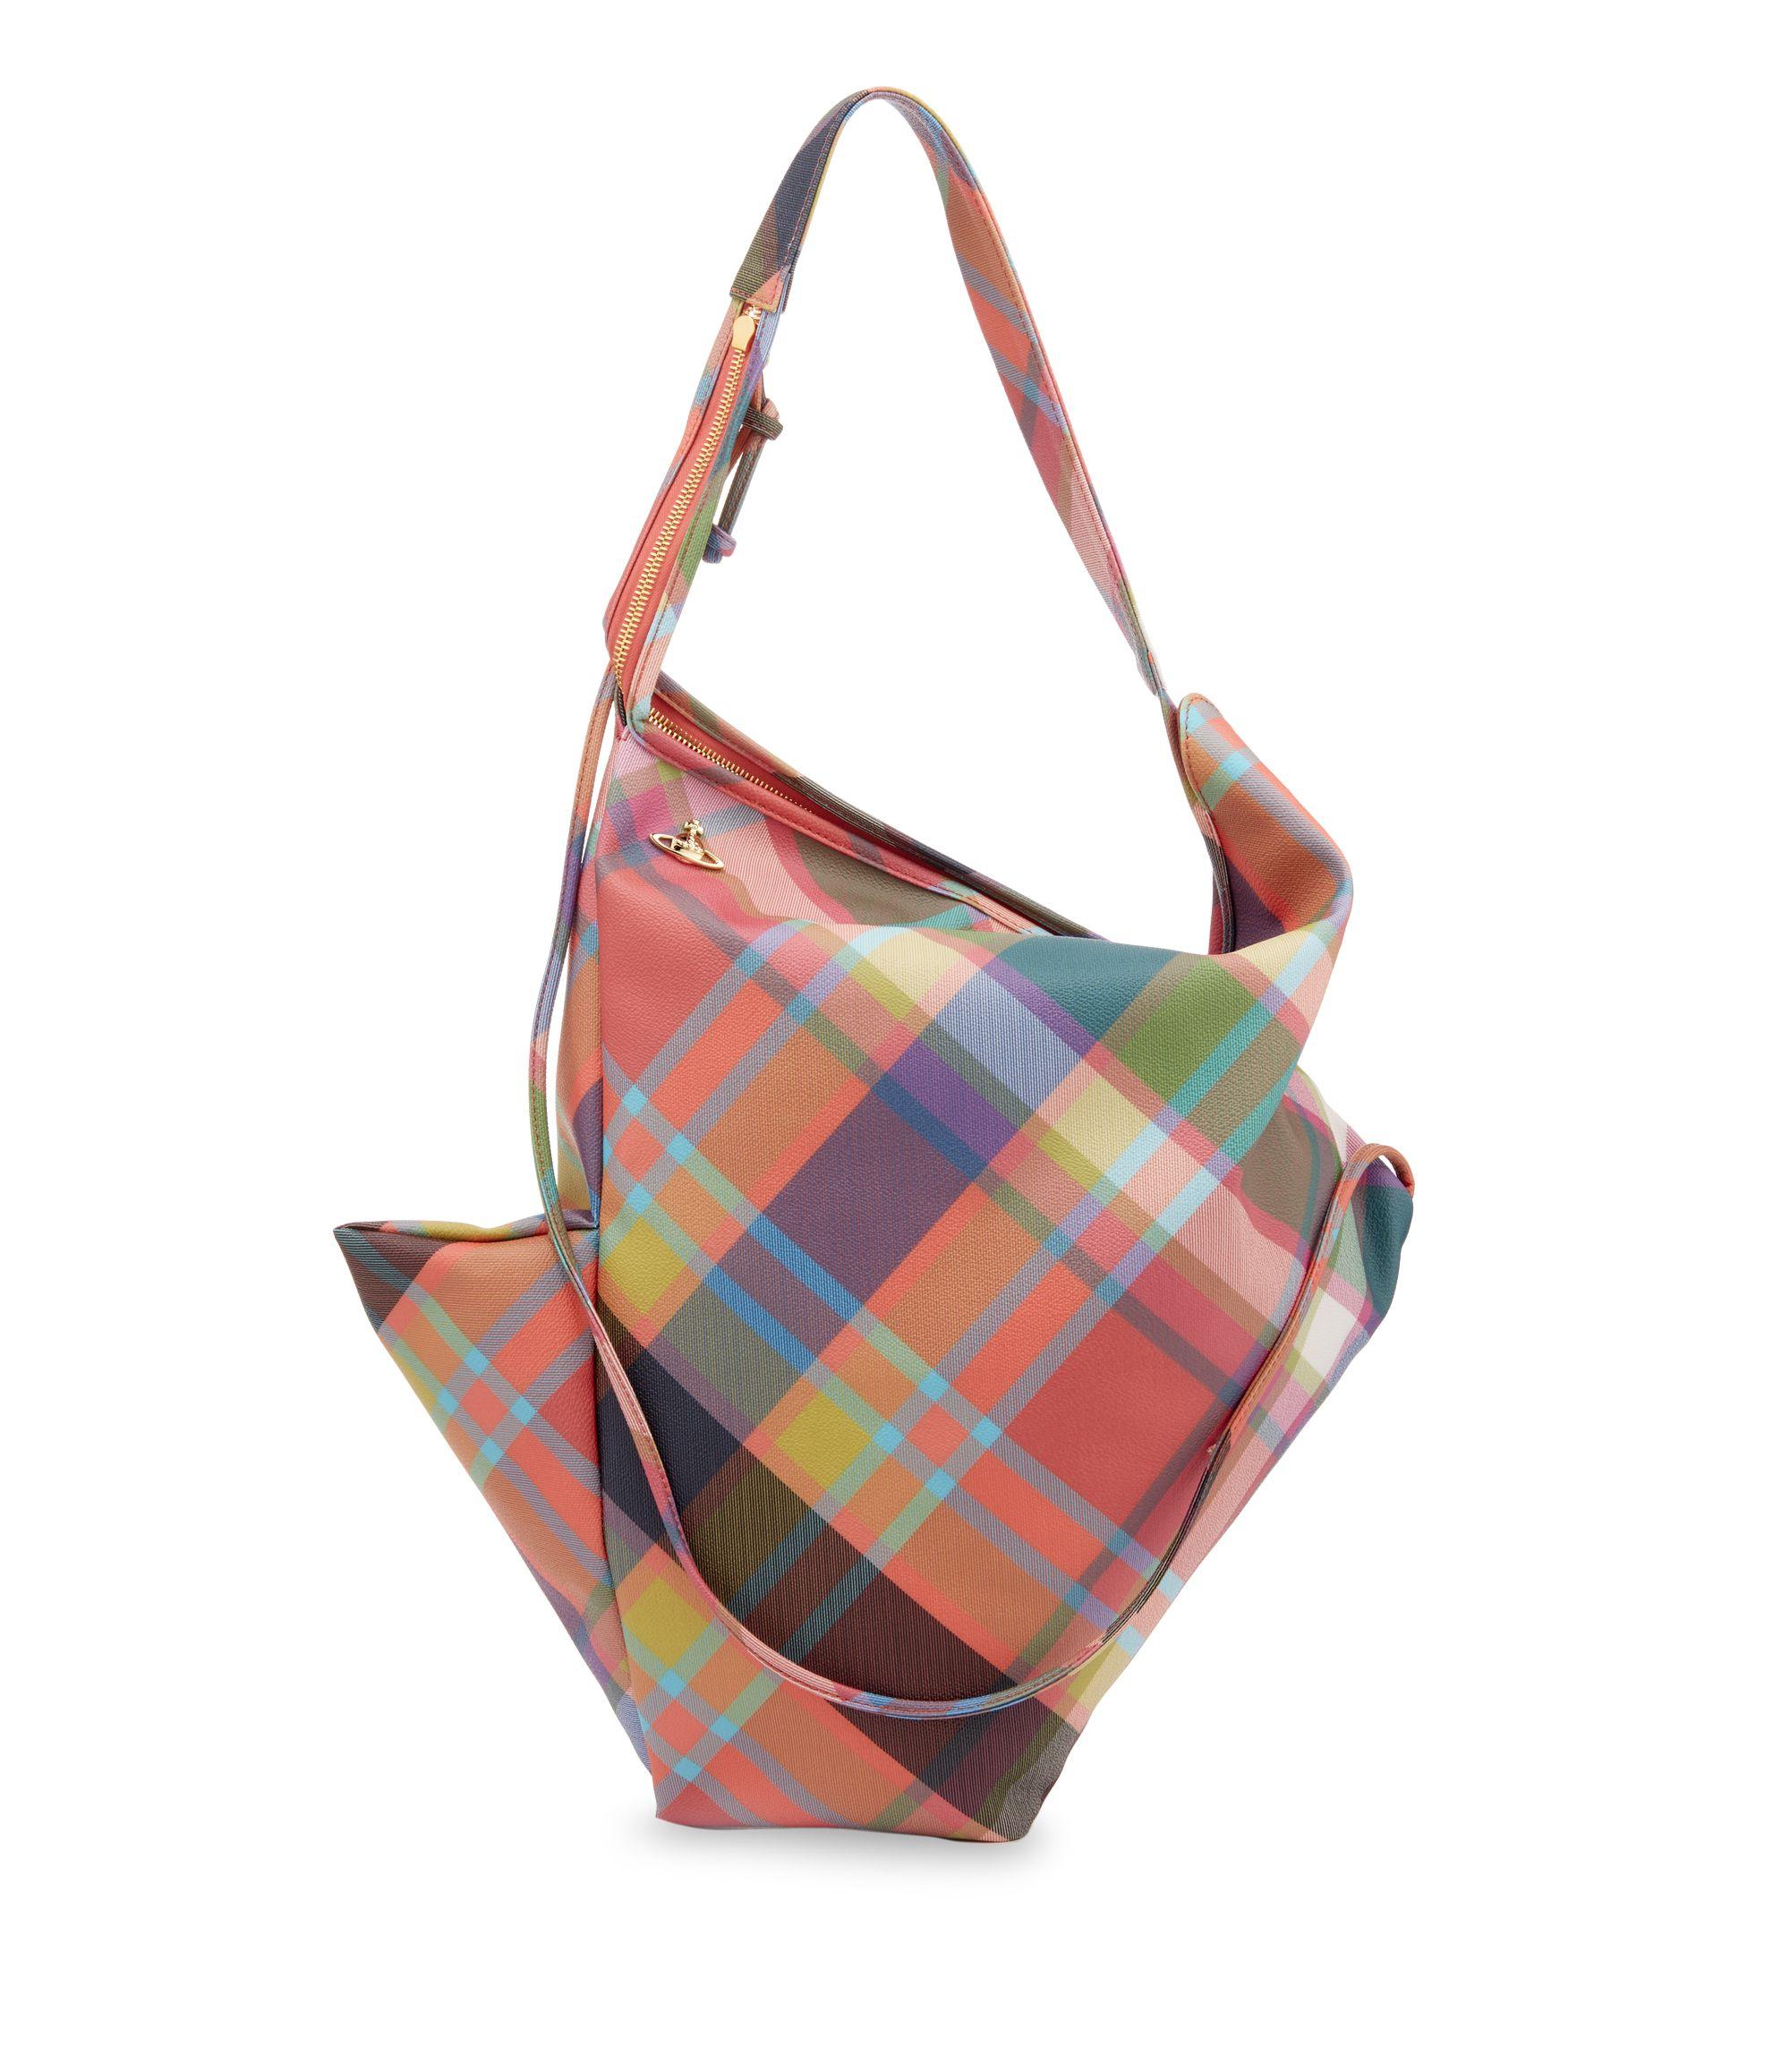 ad9273f310 VIVIENNE WESTWOOD Harlequin Derby Bag 7112. #viviennewestwood #bags #charm  #accessories #